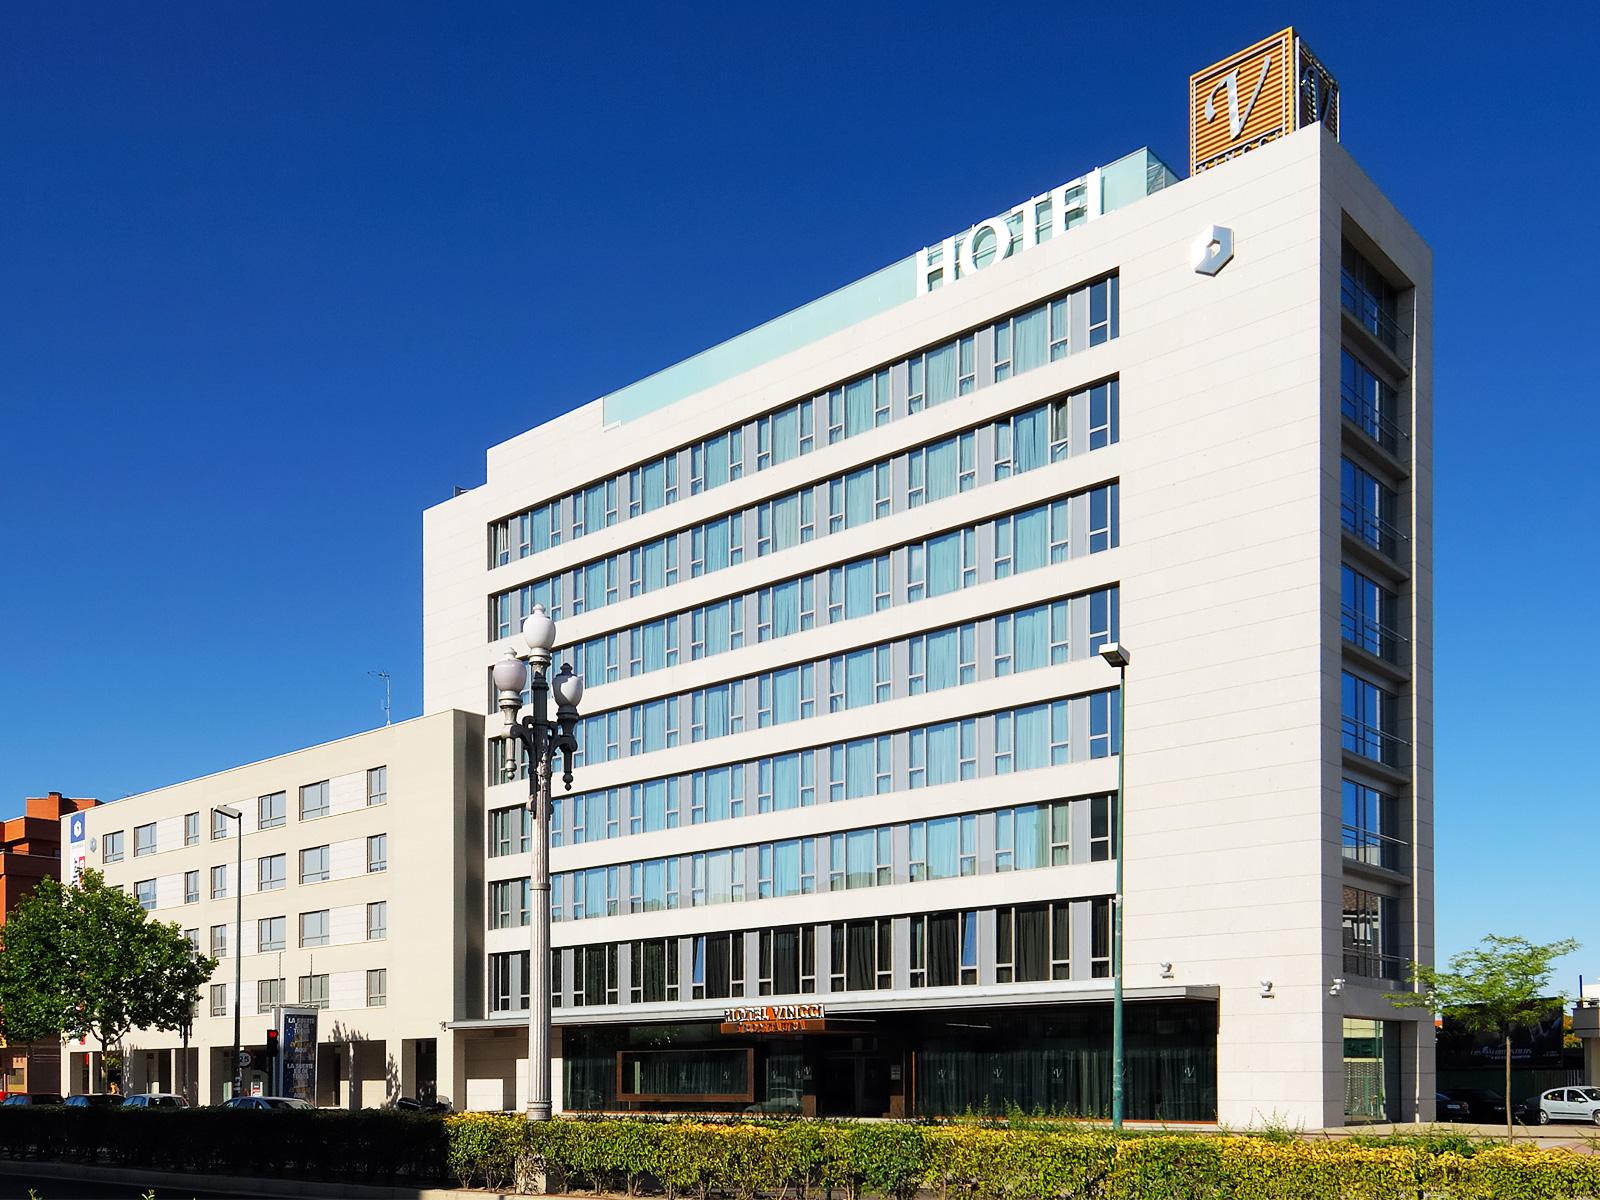 hotel-vincci-valladolid-rotulo